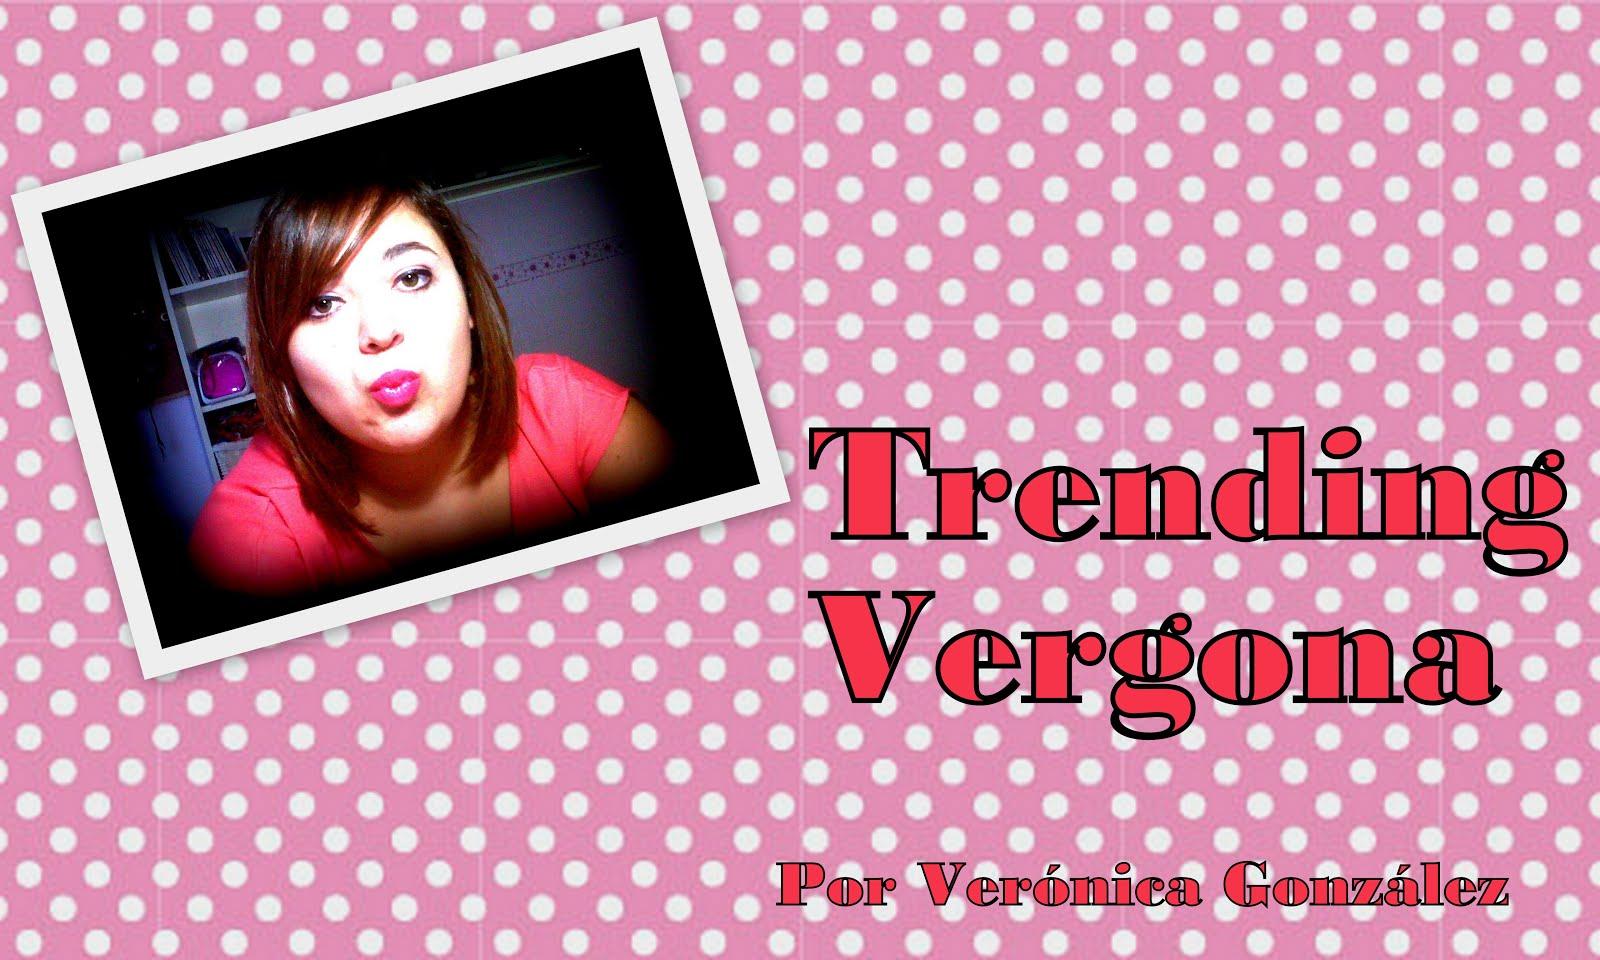 TRENDING__VERGONA